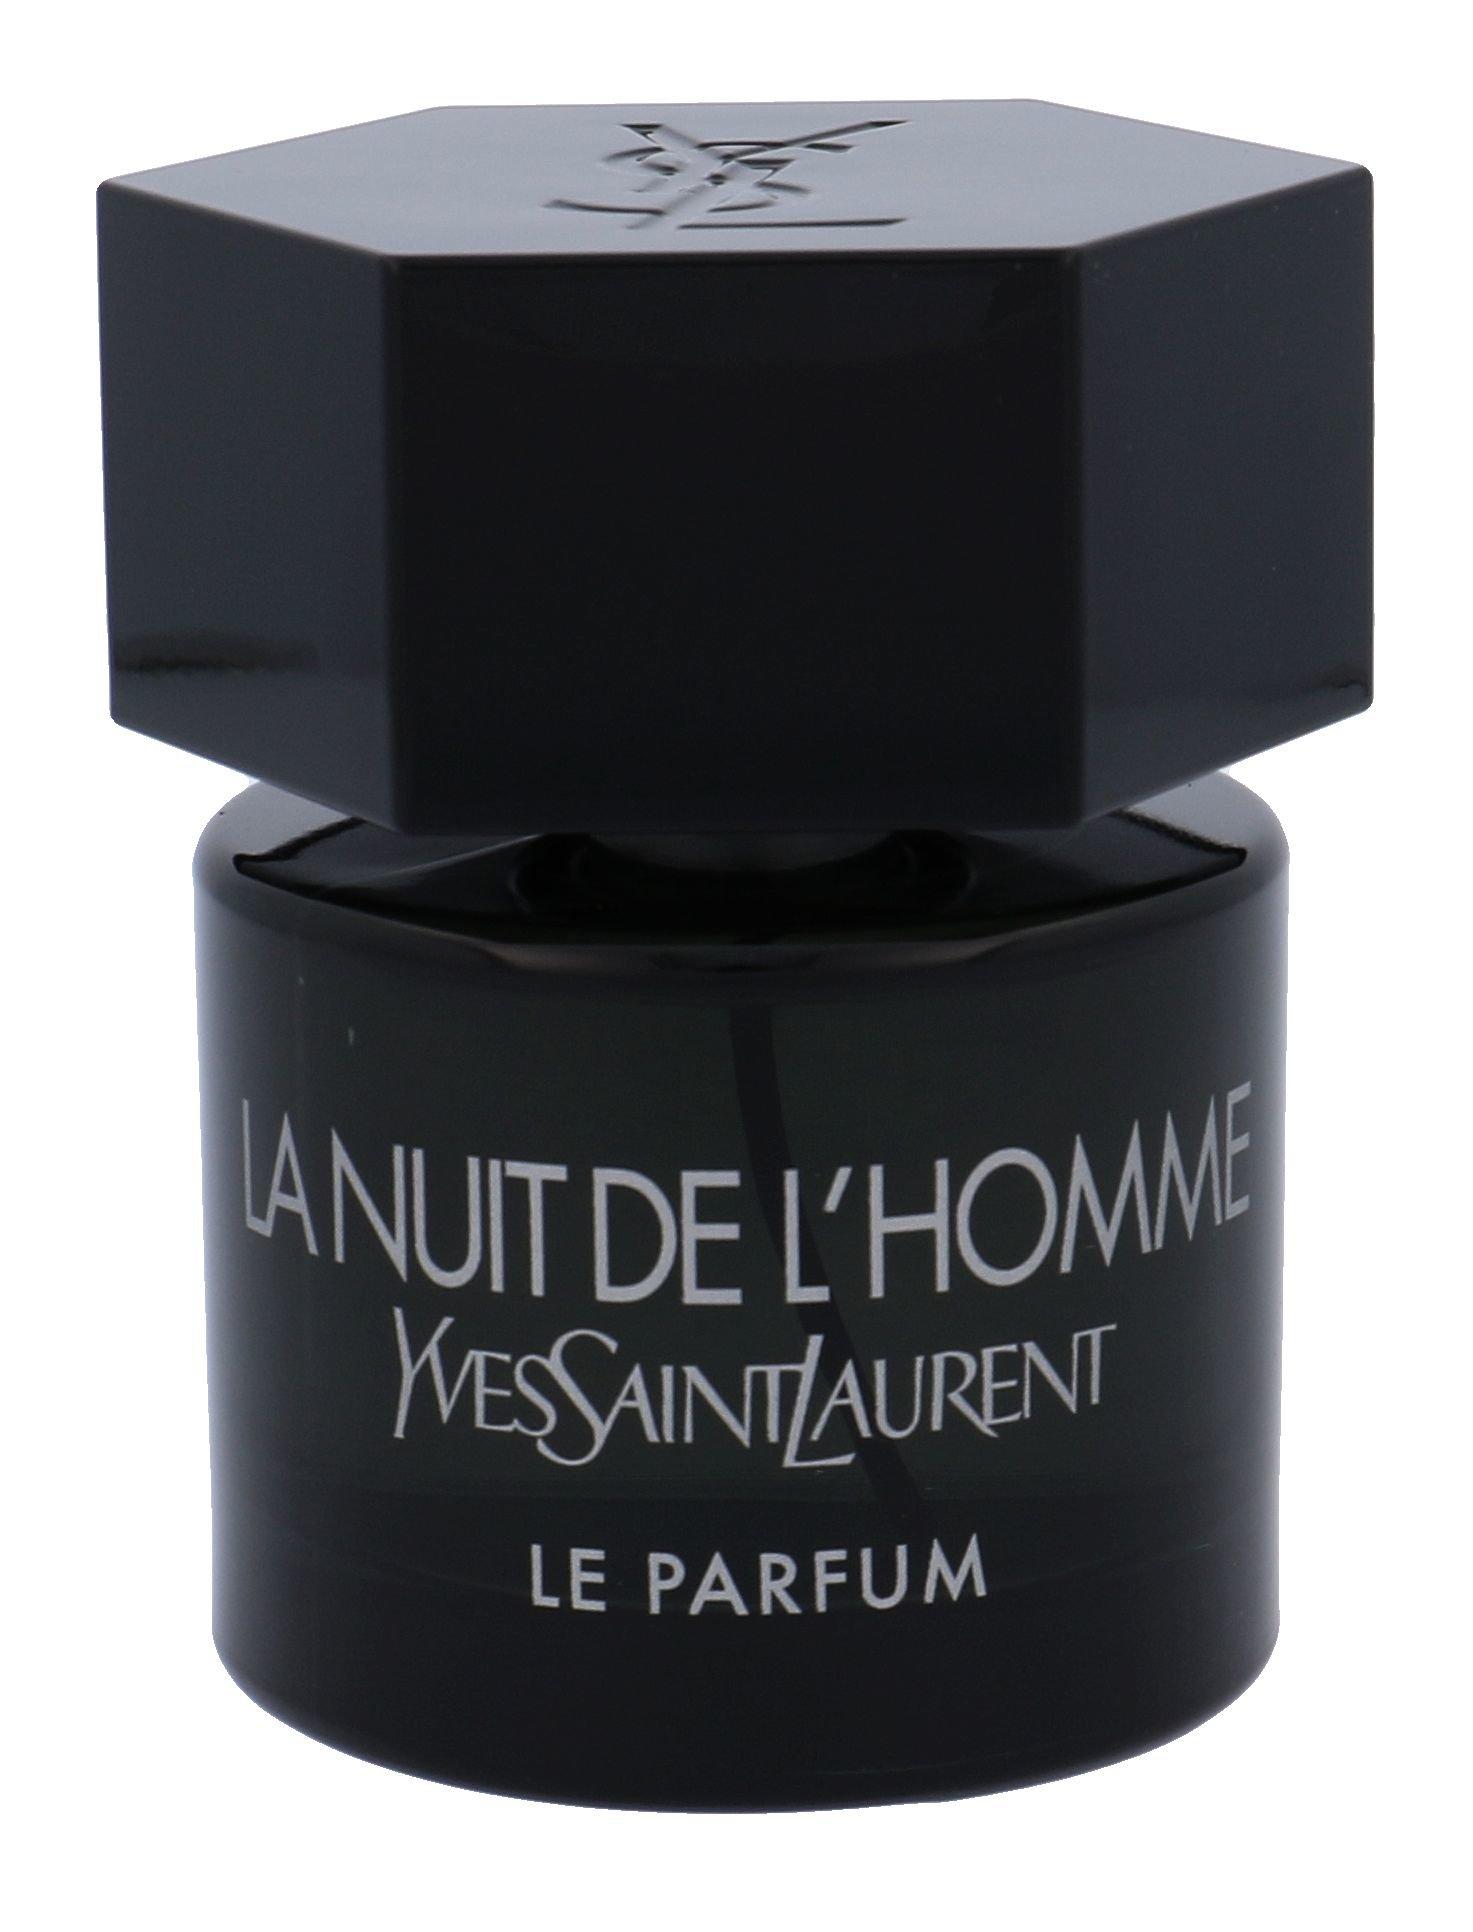 Yves Saint Laurent La Nuit De L´Homme EDP 60ml  Le Parfum